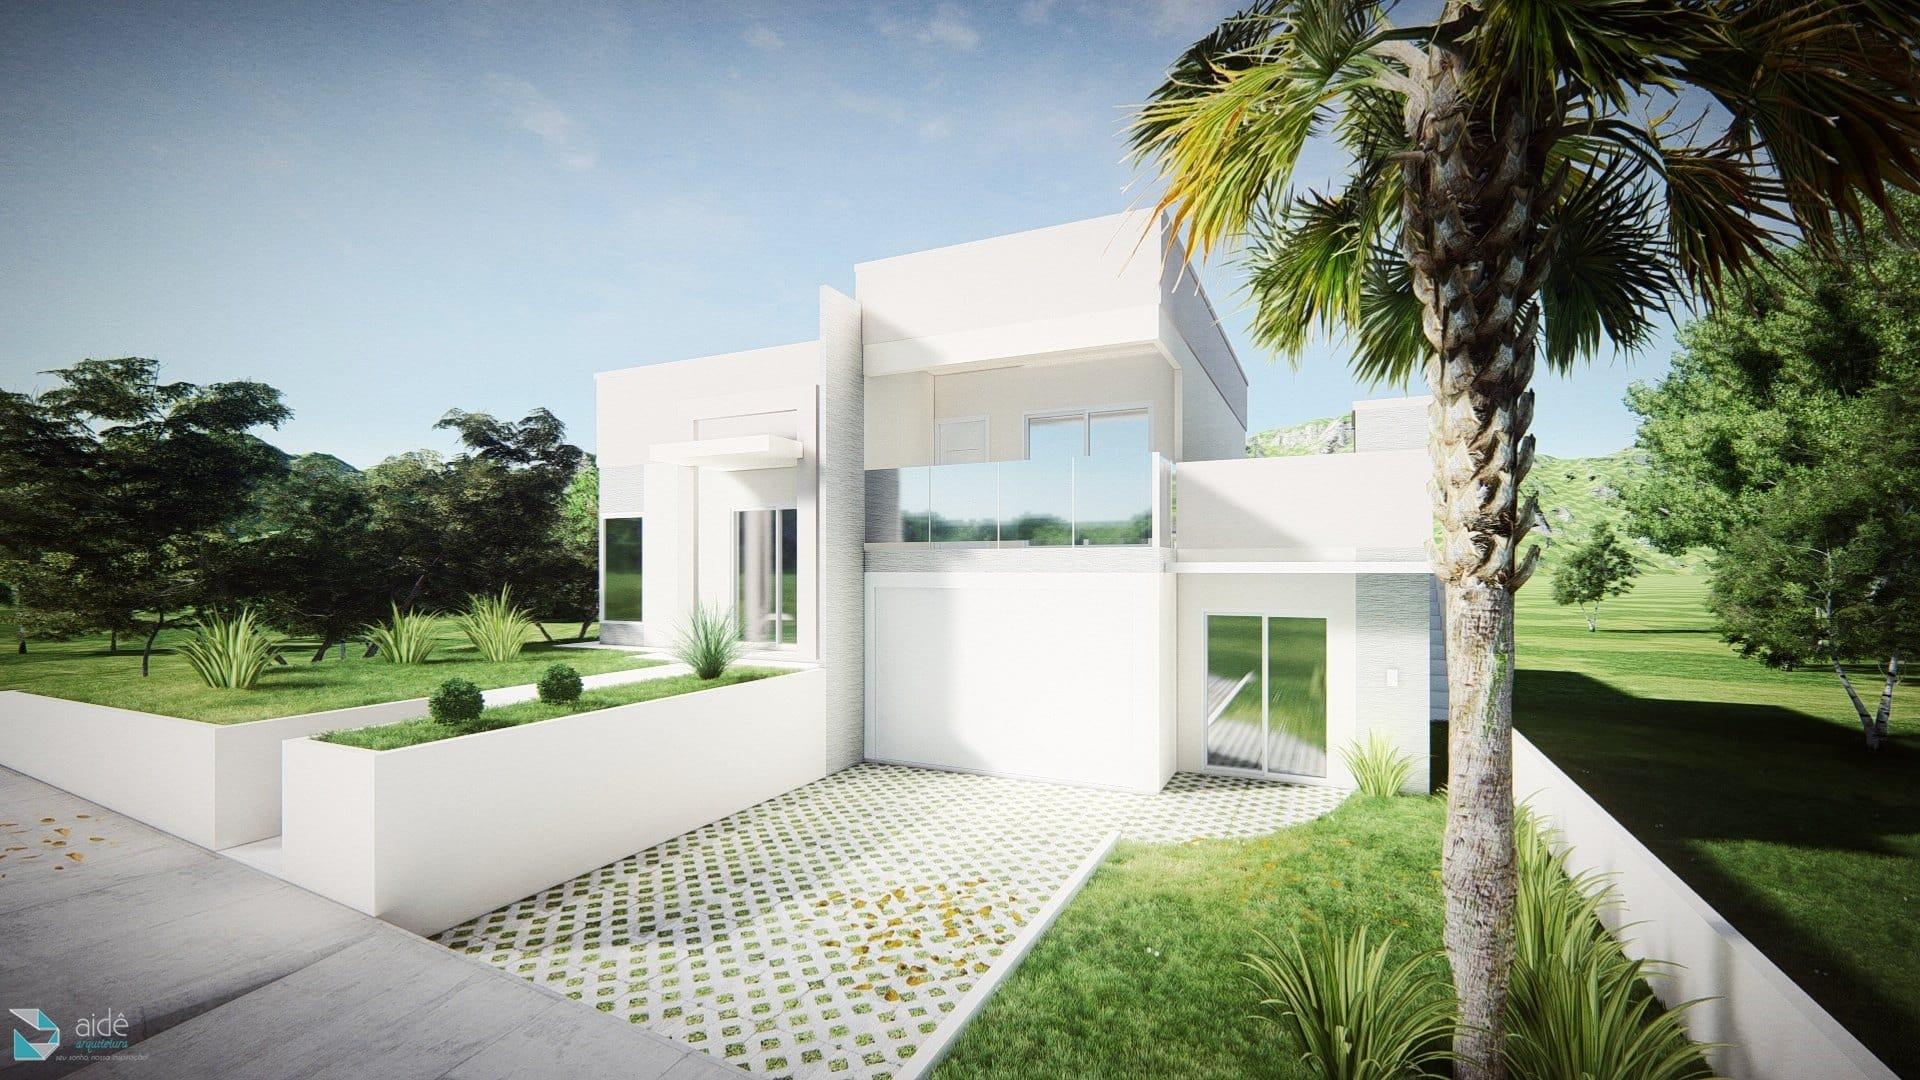 platibanda e beiral blog da arquitetura 3 - Platibanda e beiral: qual é a diferença e como inspirar seu projeto?